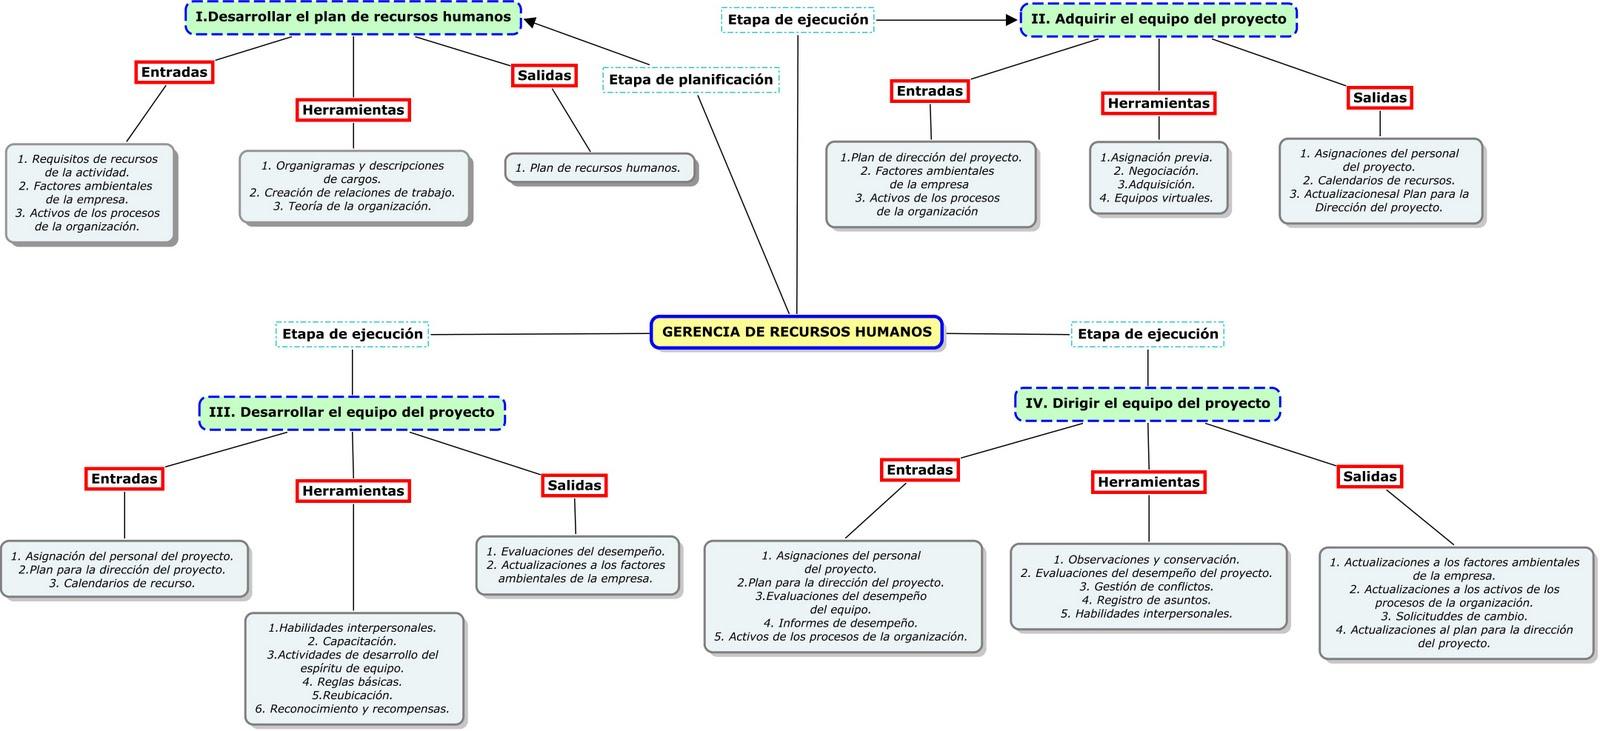 ESTRUCTURAS DE ACERO: Relación entre los capítulos 9 del PMBOK y ...